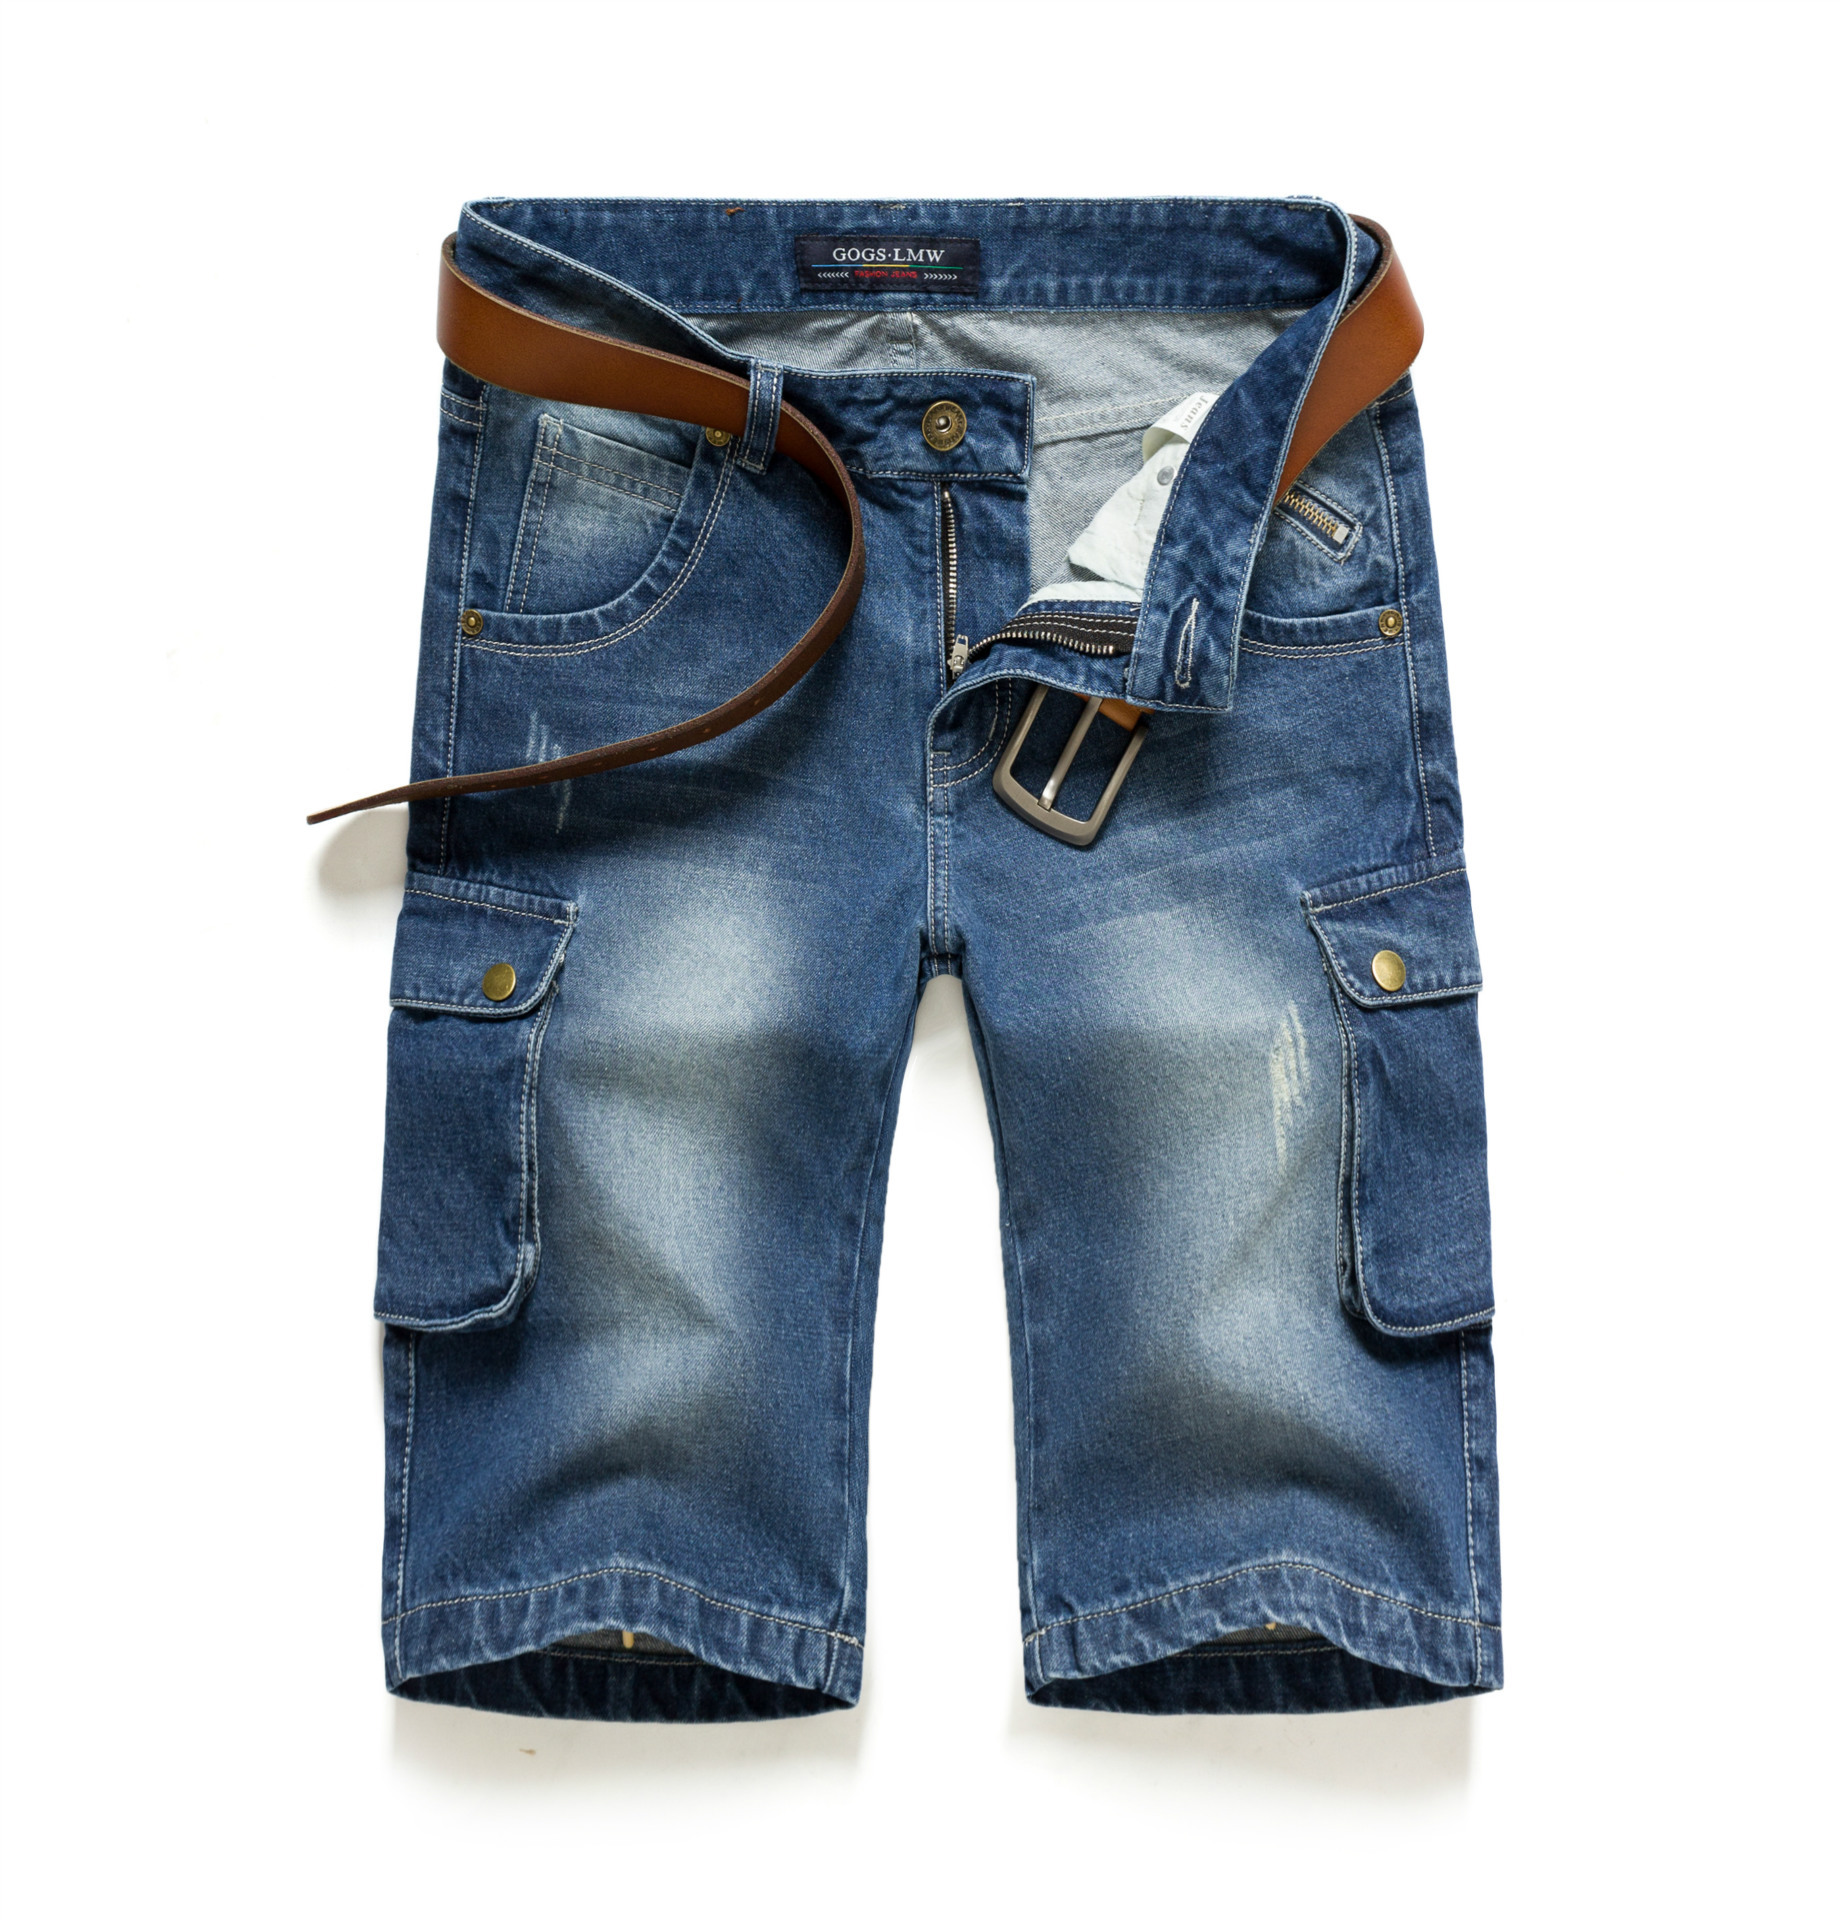 57fe3d46e226 2016 sommer Herren Baumwolle Denim Shorts Distressed Jeans Ripped Capris  Mulit Taschen   Nähte Beiläufige Kurze Bermuda L5813 in 2016 sommer Herren  ...